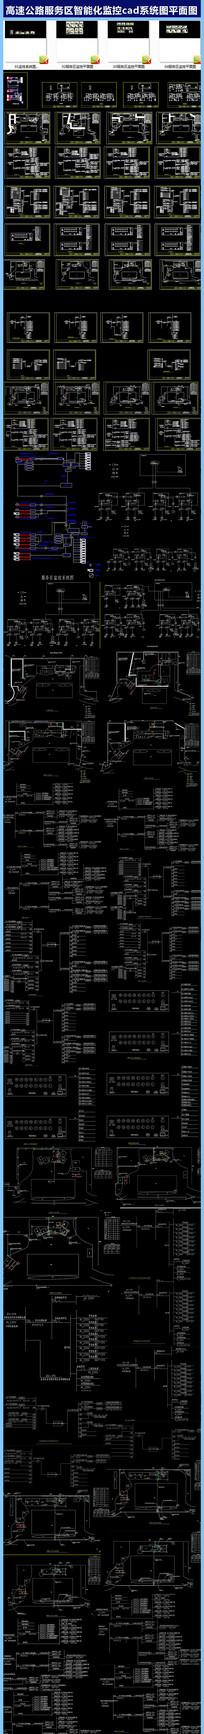 高速公路服务区智能化监控cad系统图